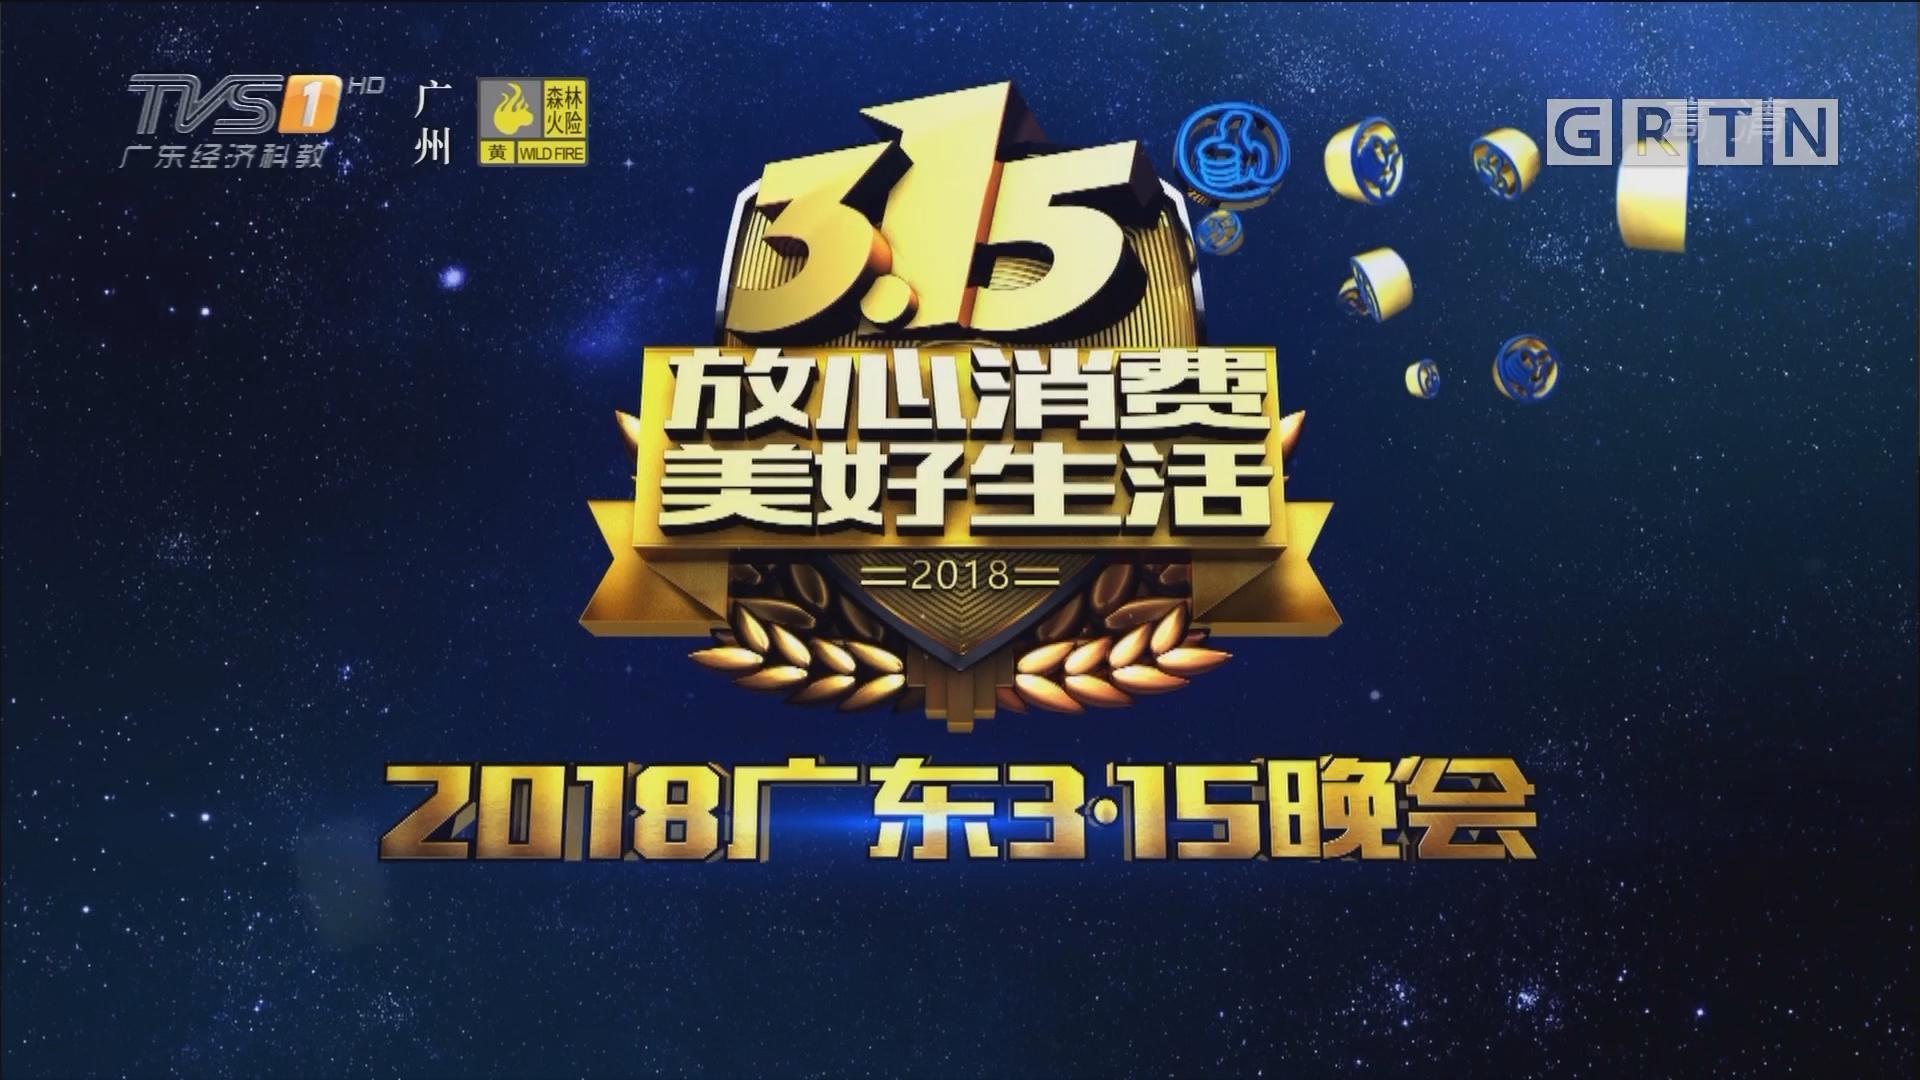 2018广东3▪15晚会——放心消费 美好生活